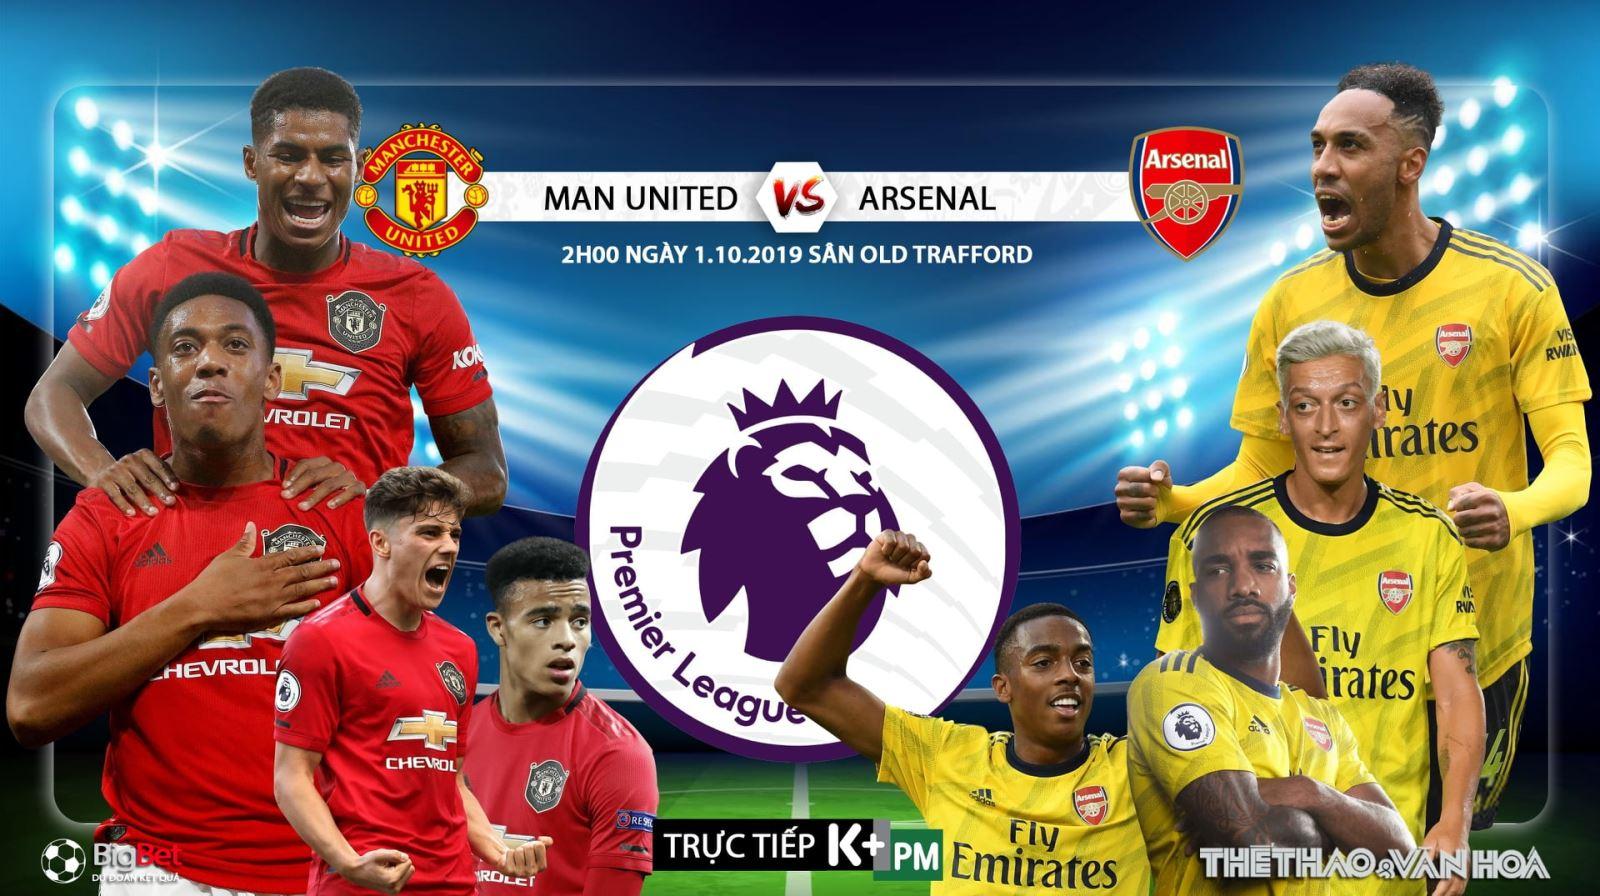 Soi kèo bóng đá: MU đấu với Arsenal, Ngoại hạng Anh. Trực tiếp K+, K+ PM